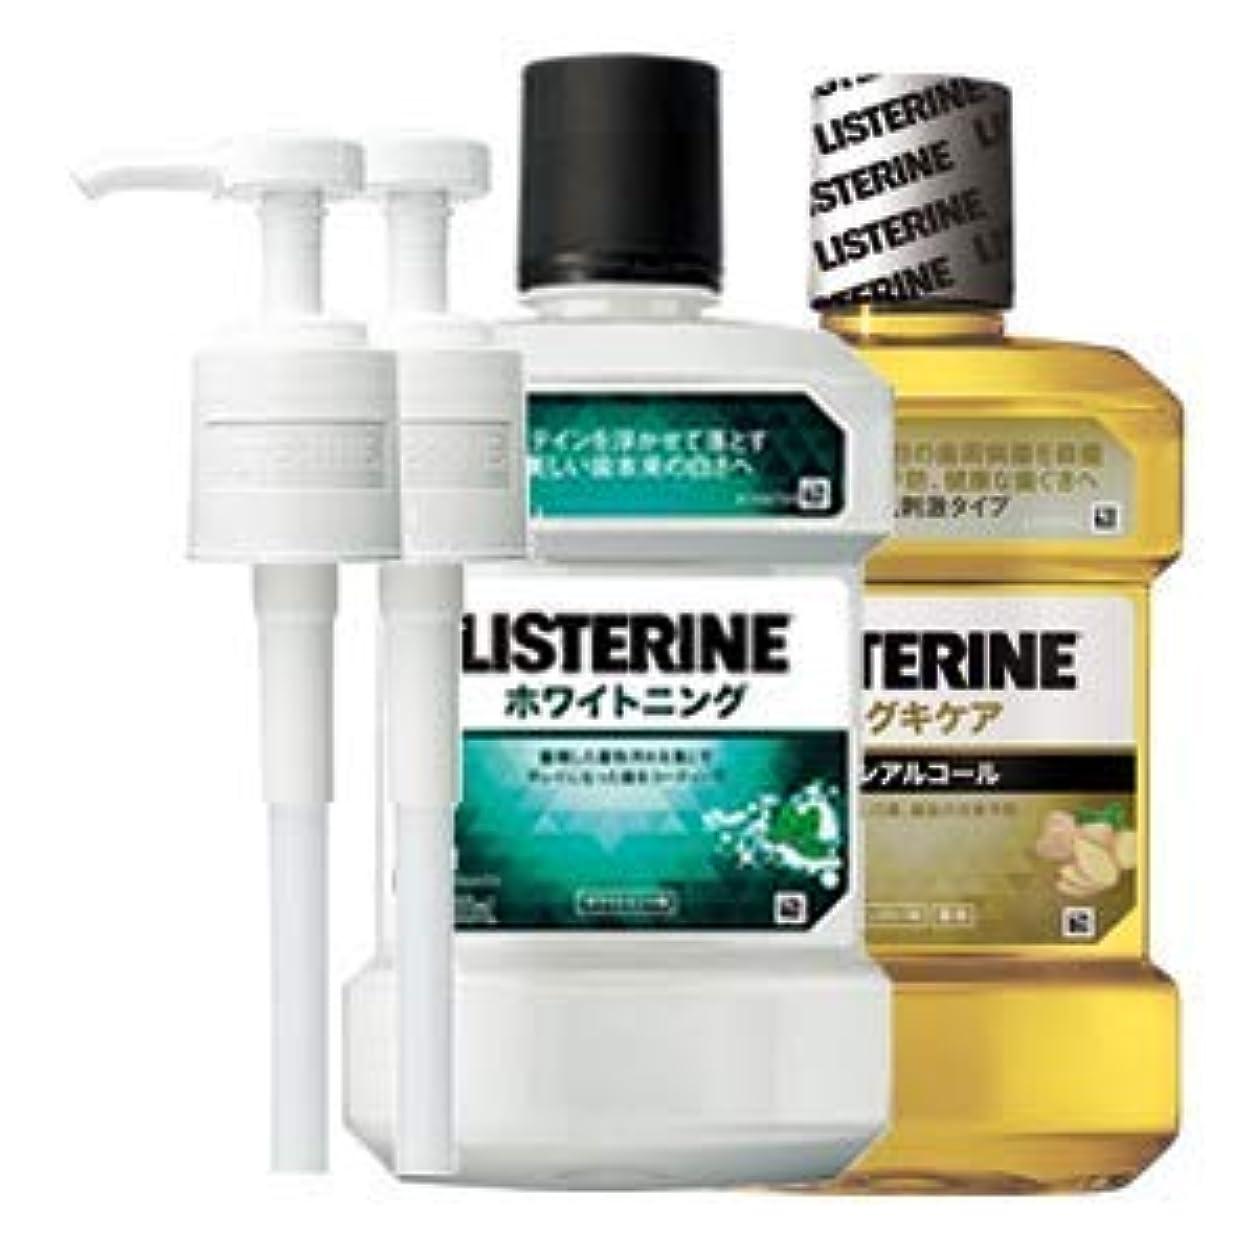 広範囲抵抗洗練された薬用 リステリン ホワイトニング ハグキケア 1000mL 2点セット (ポンプ付)